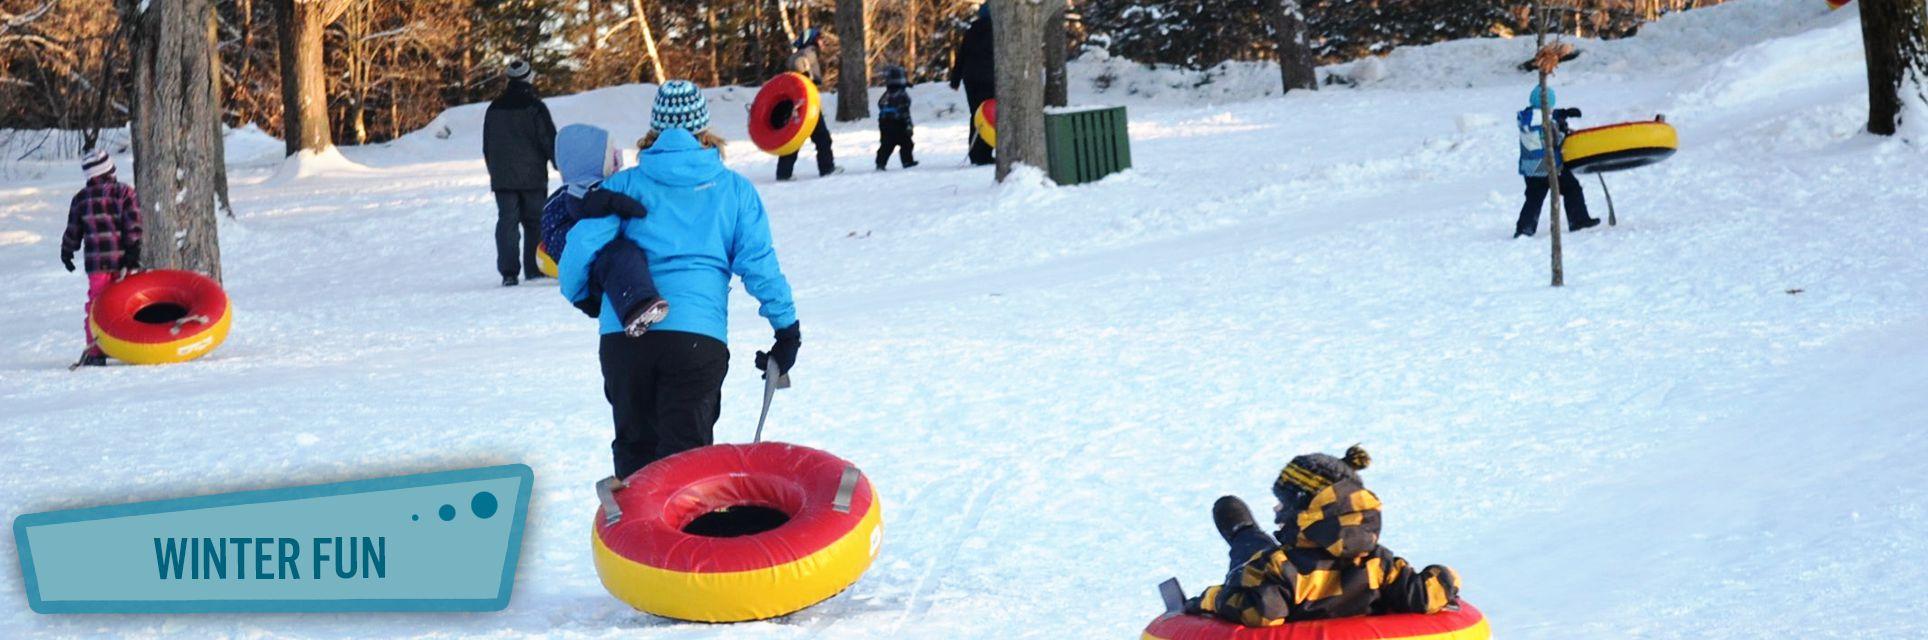 Cowansville Winter Fun